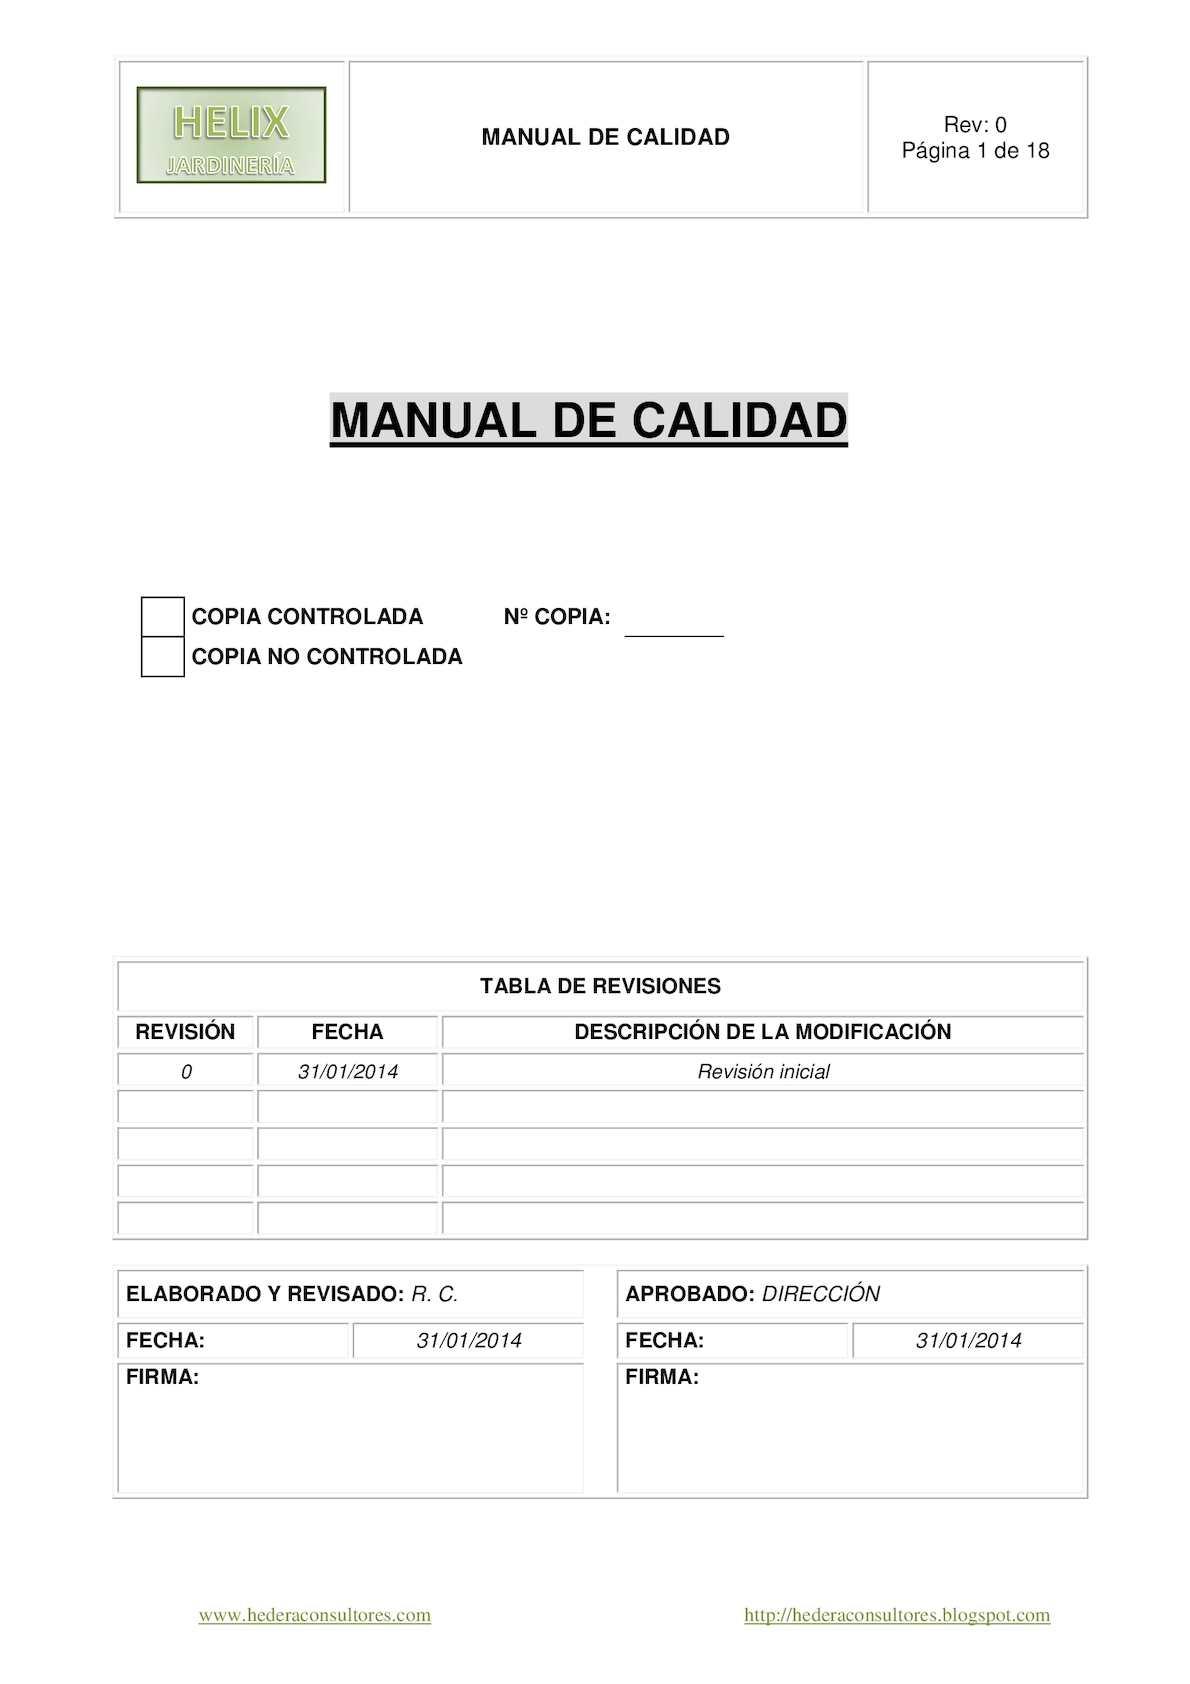 Ejemplo manual de calidad.